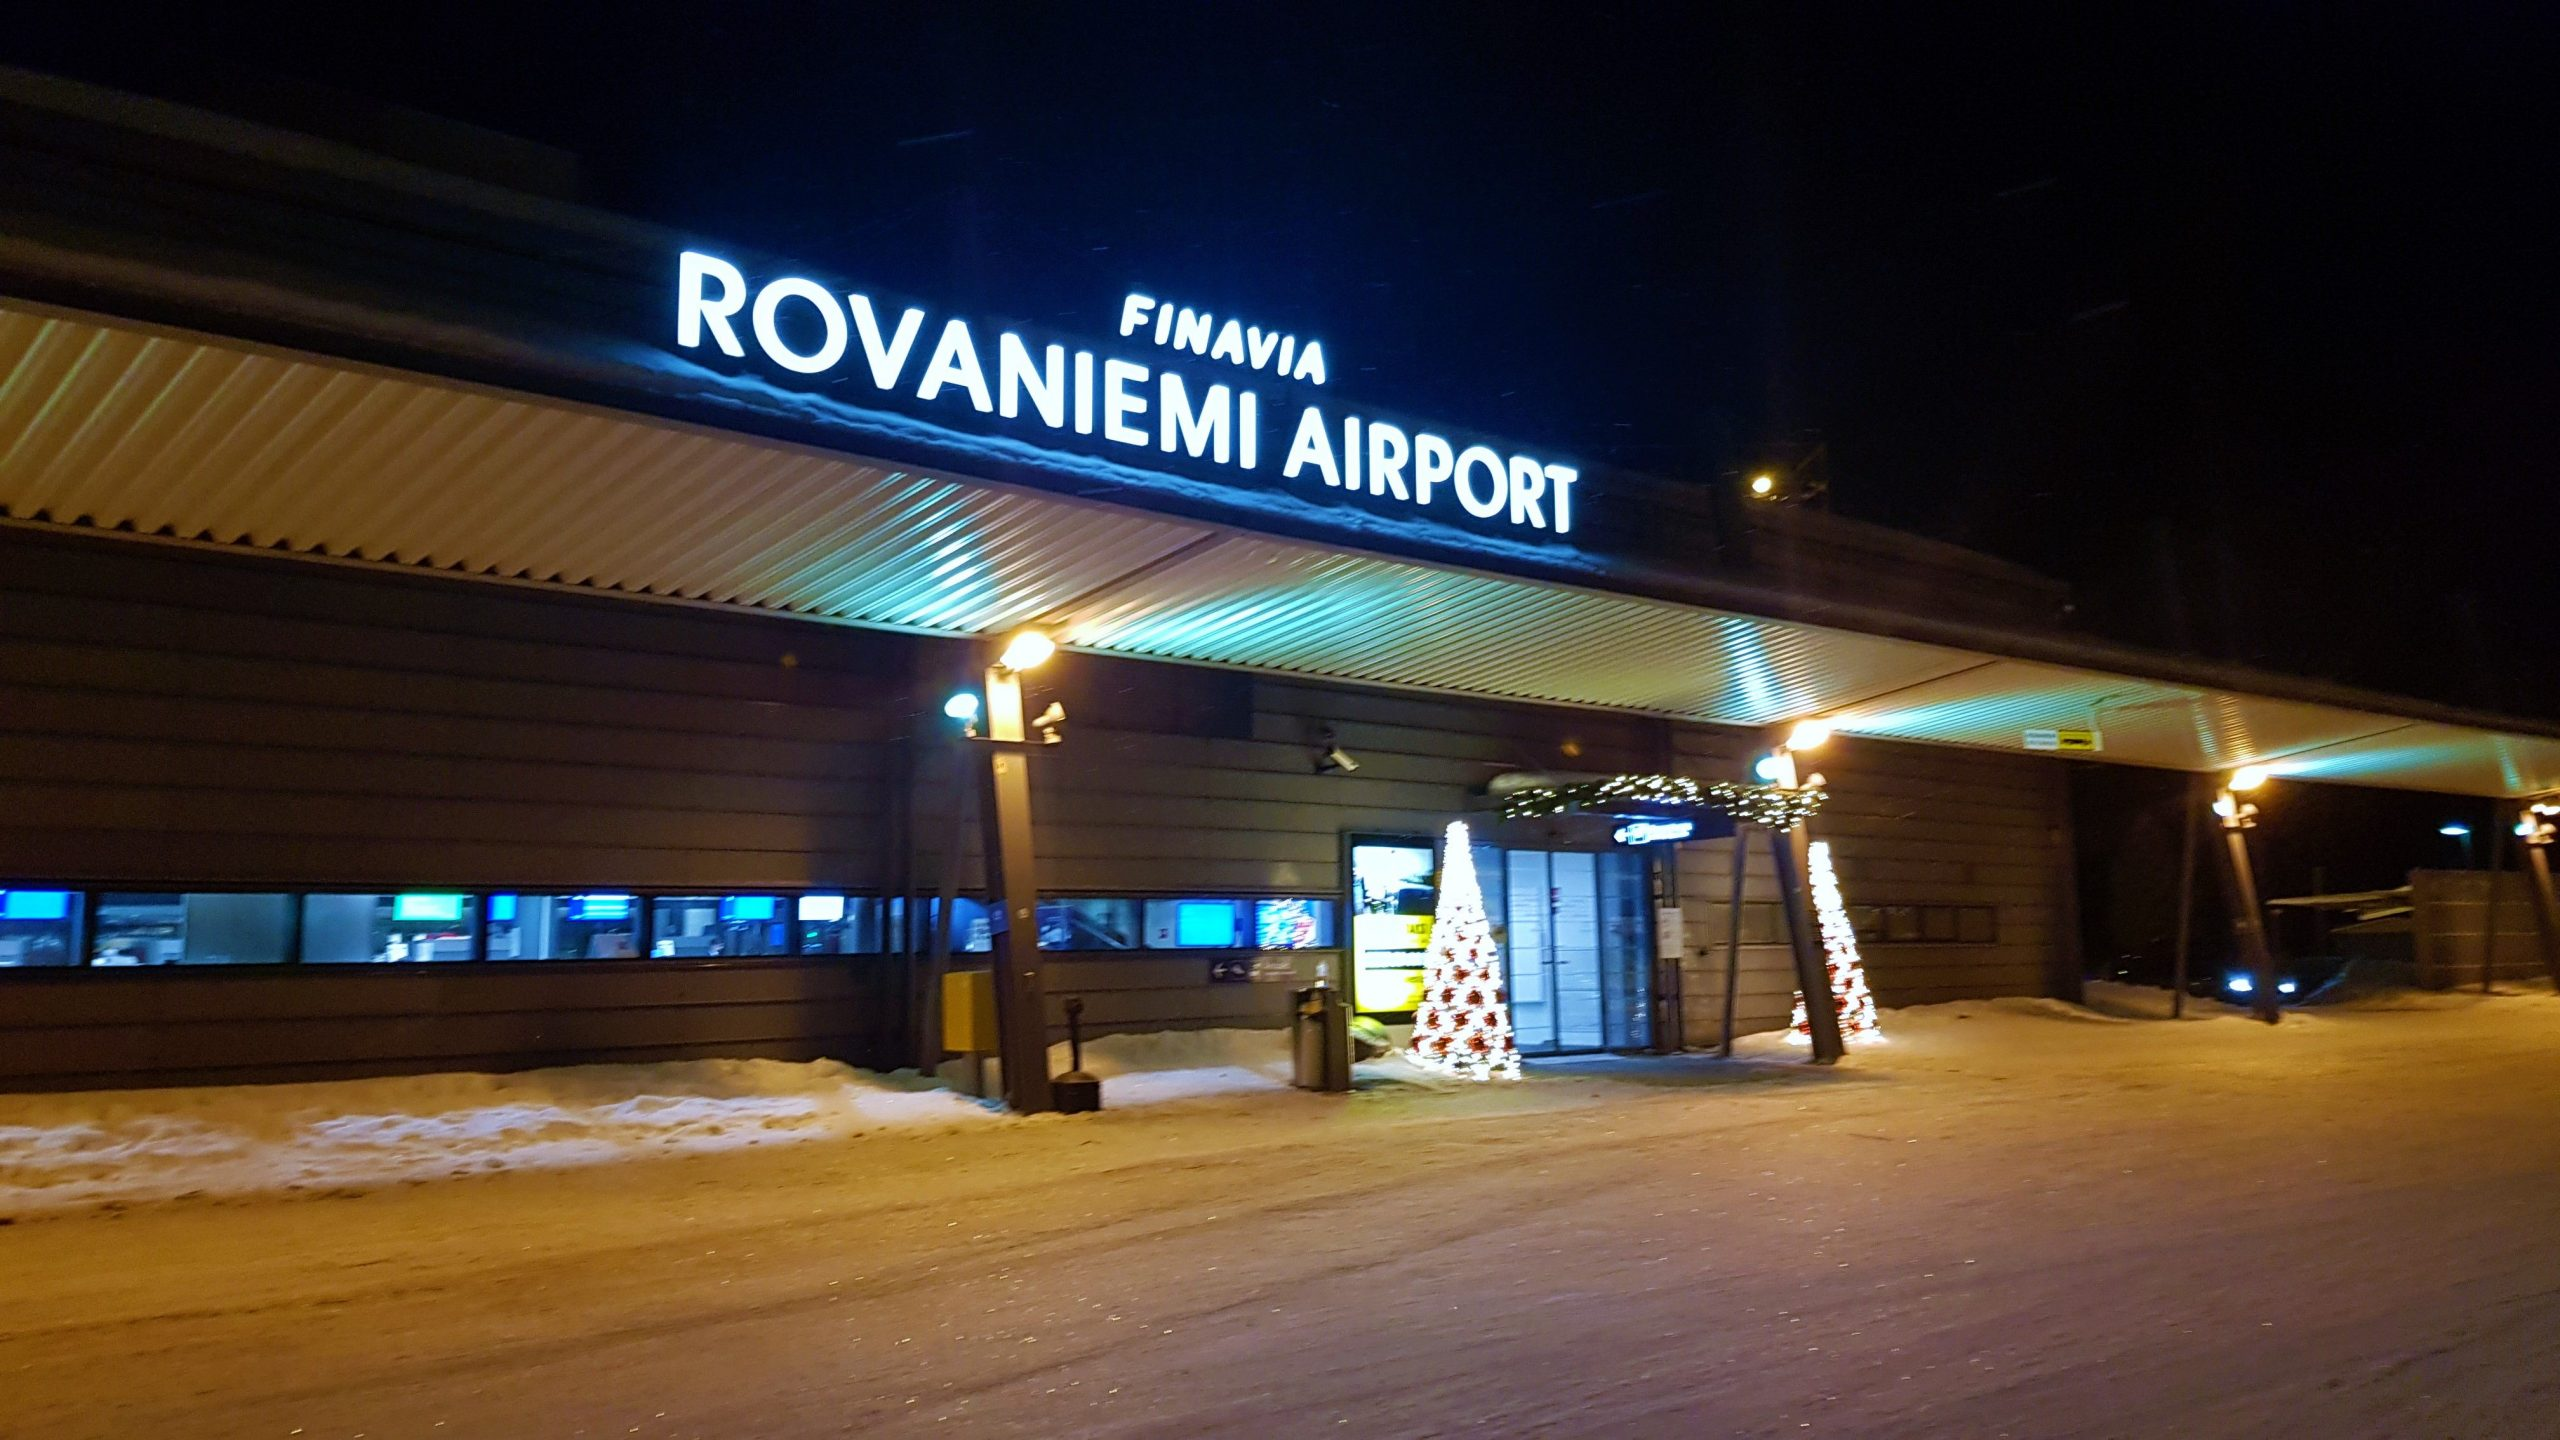 Fachada del aeropuerto de Rovaniemi.